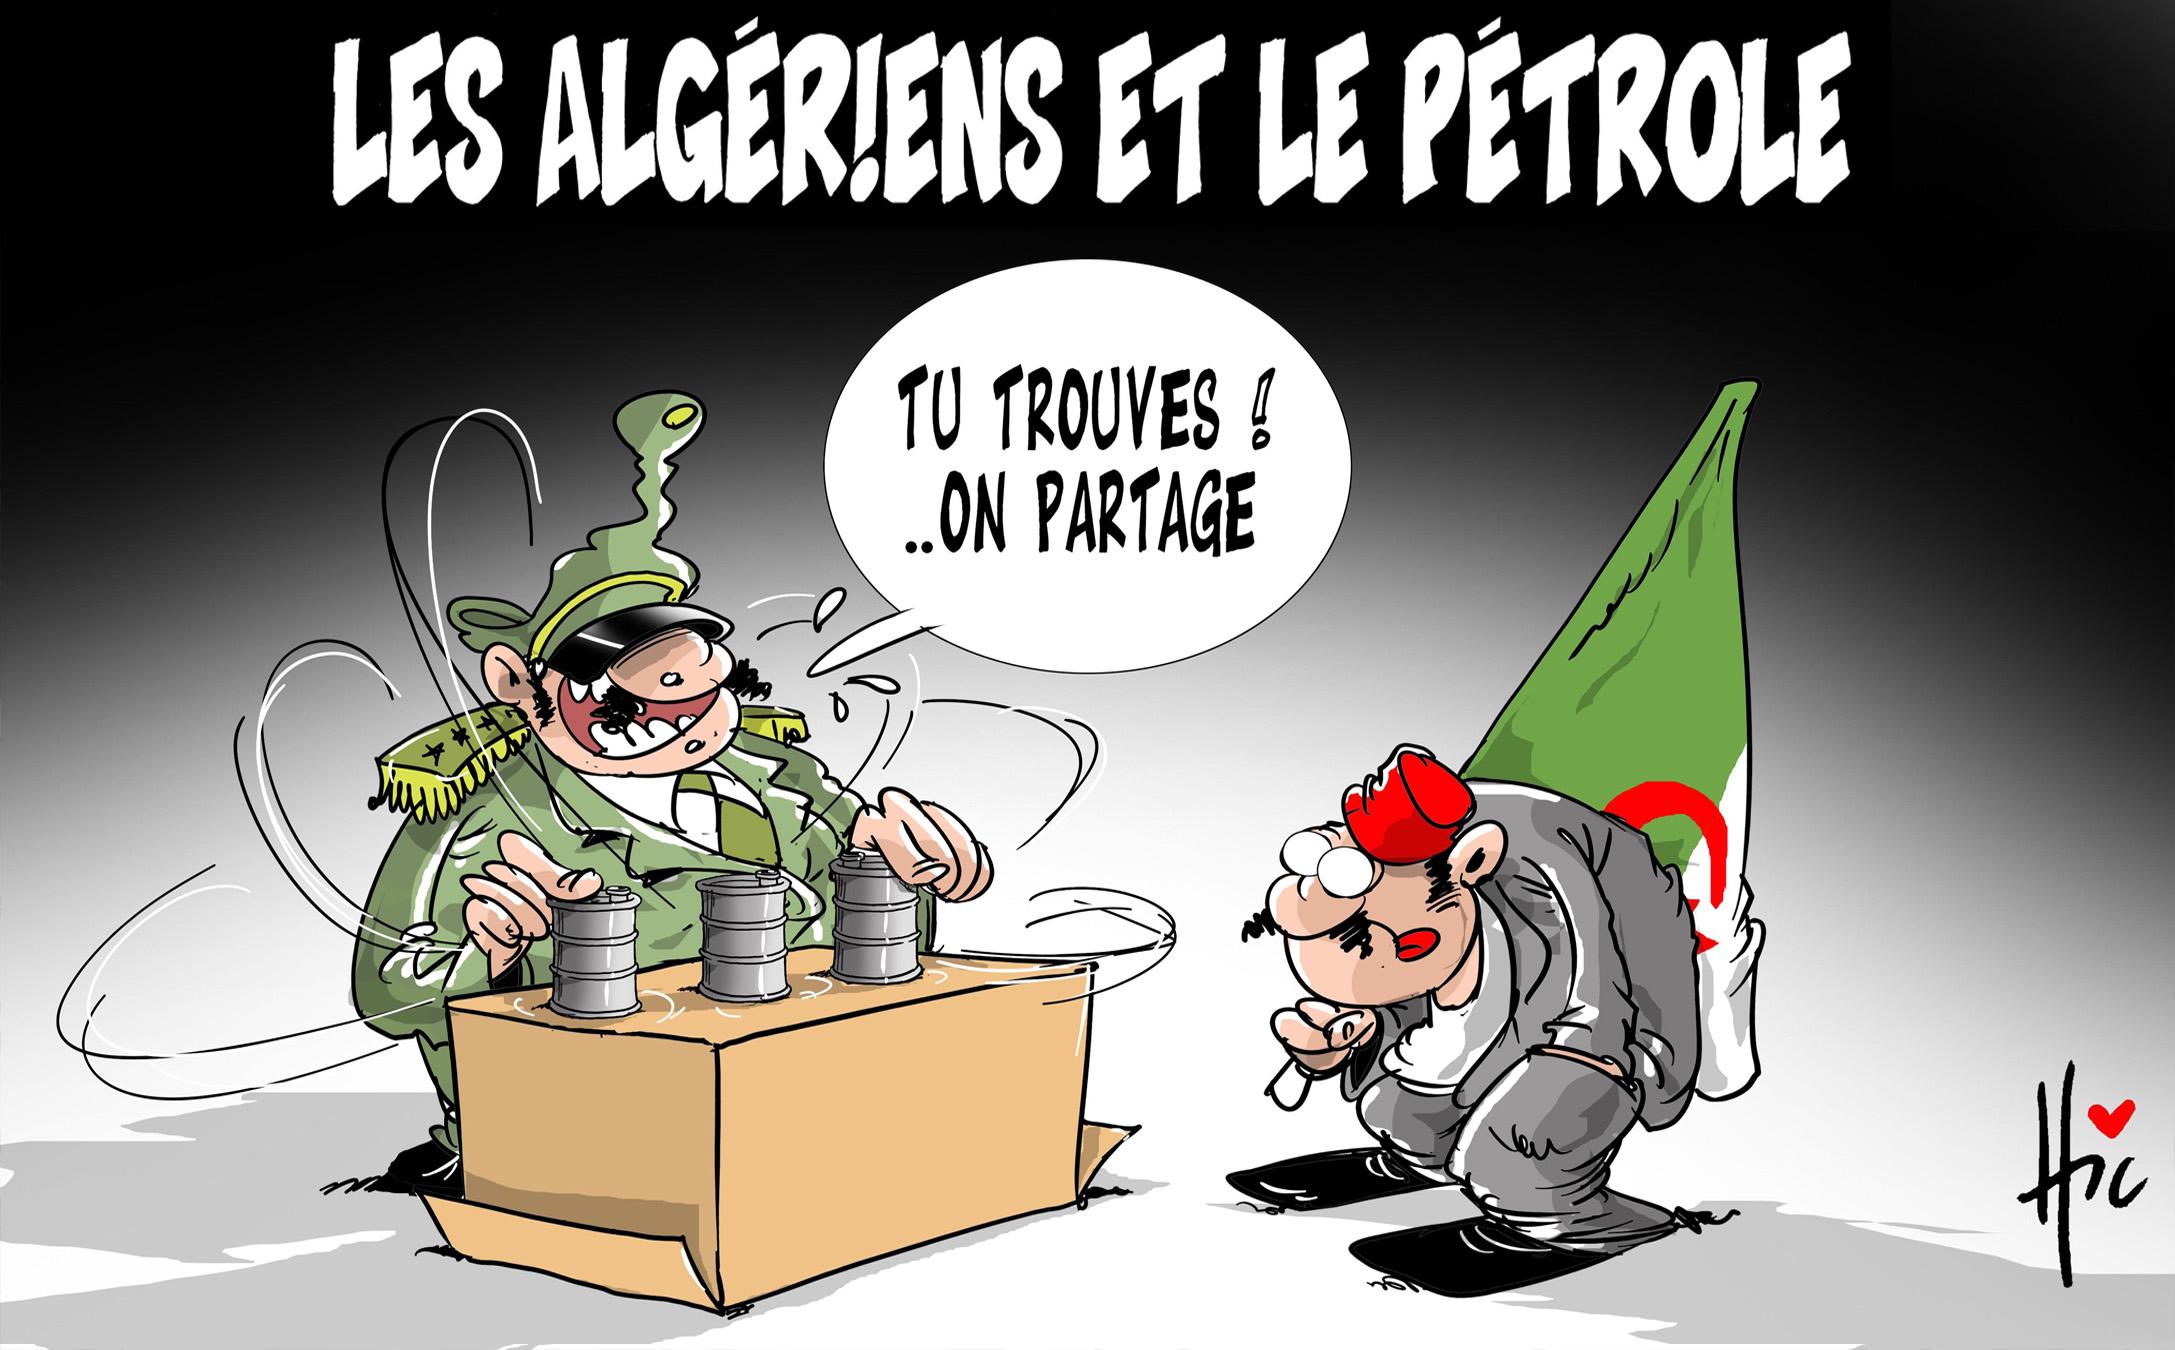 Les algériens et le pétrole - petrole - Gagdz.com